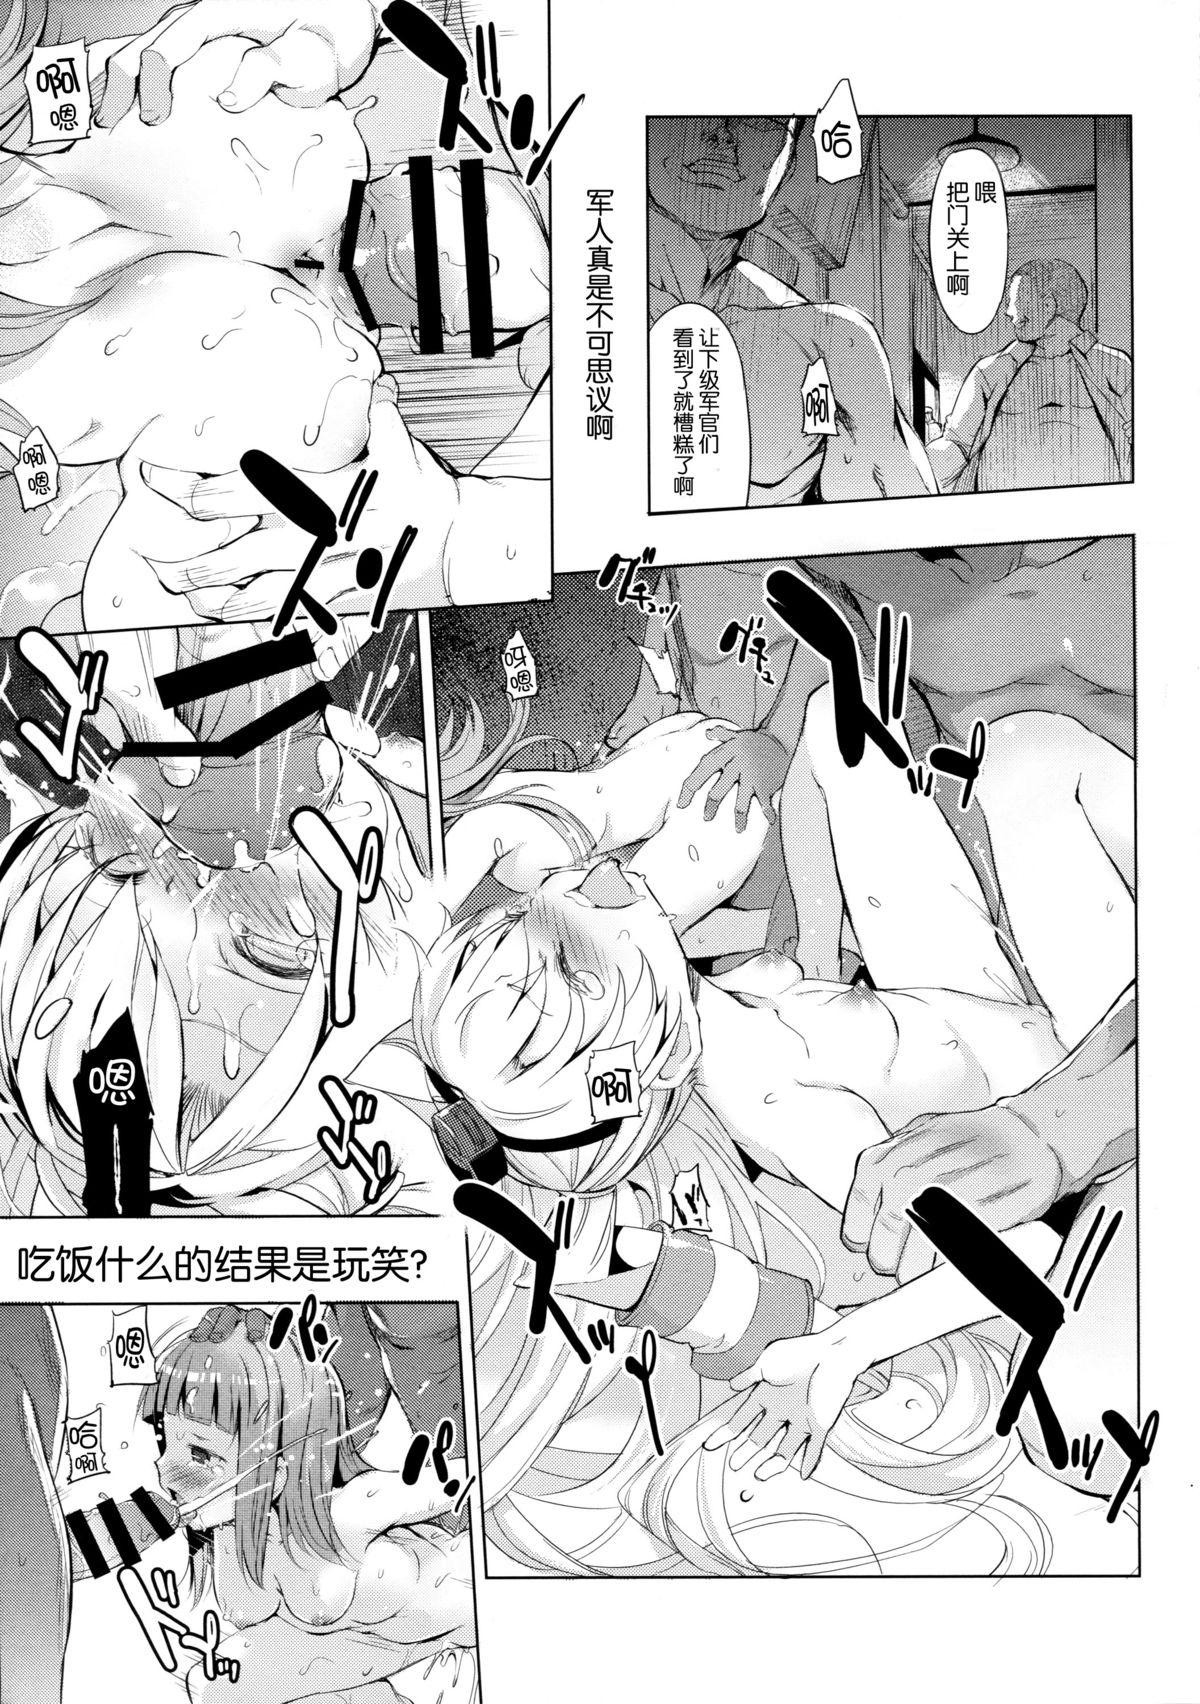 Kata no Ue no Ryuujou 2 - Shoujo no Noir 6